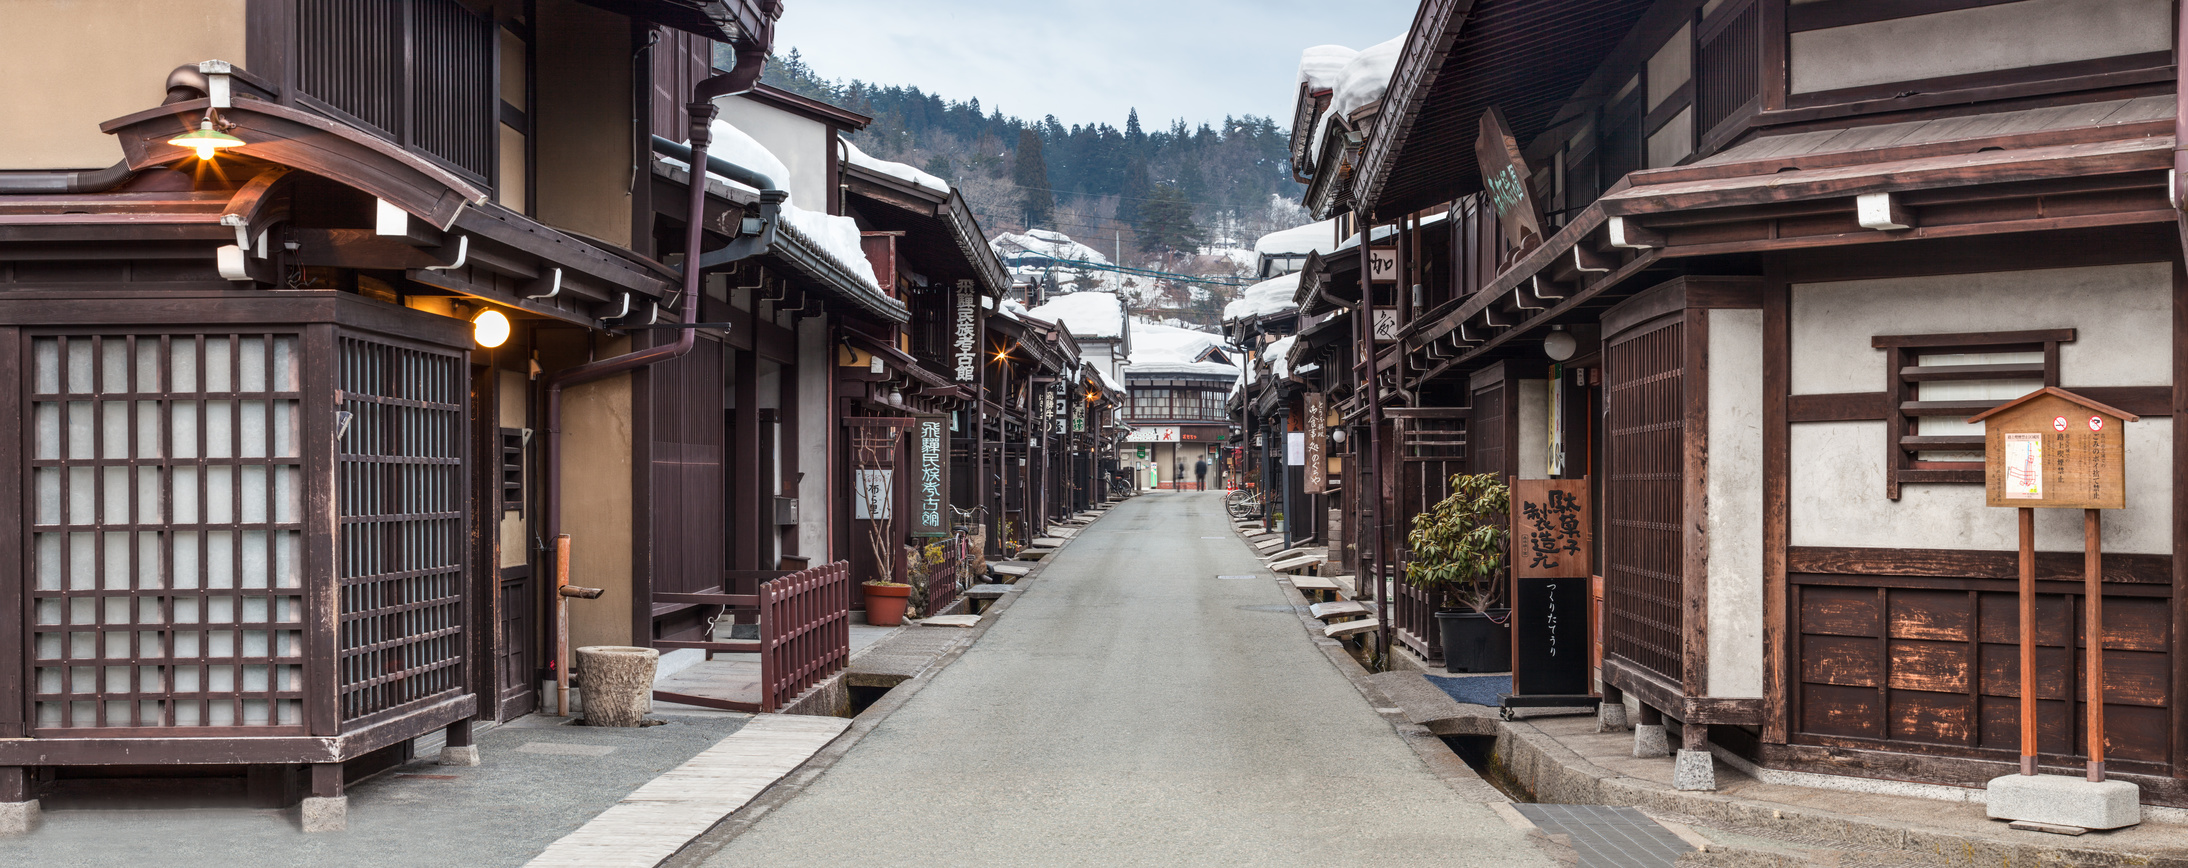 Les 2 capitales avec les Alpes japonaises, version hivernale